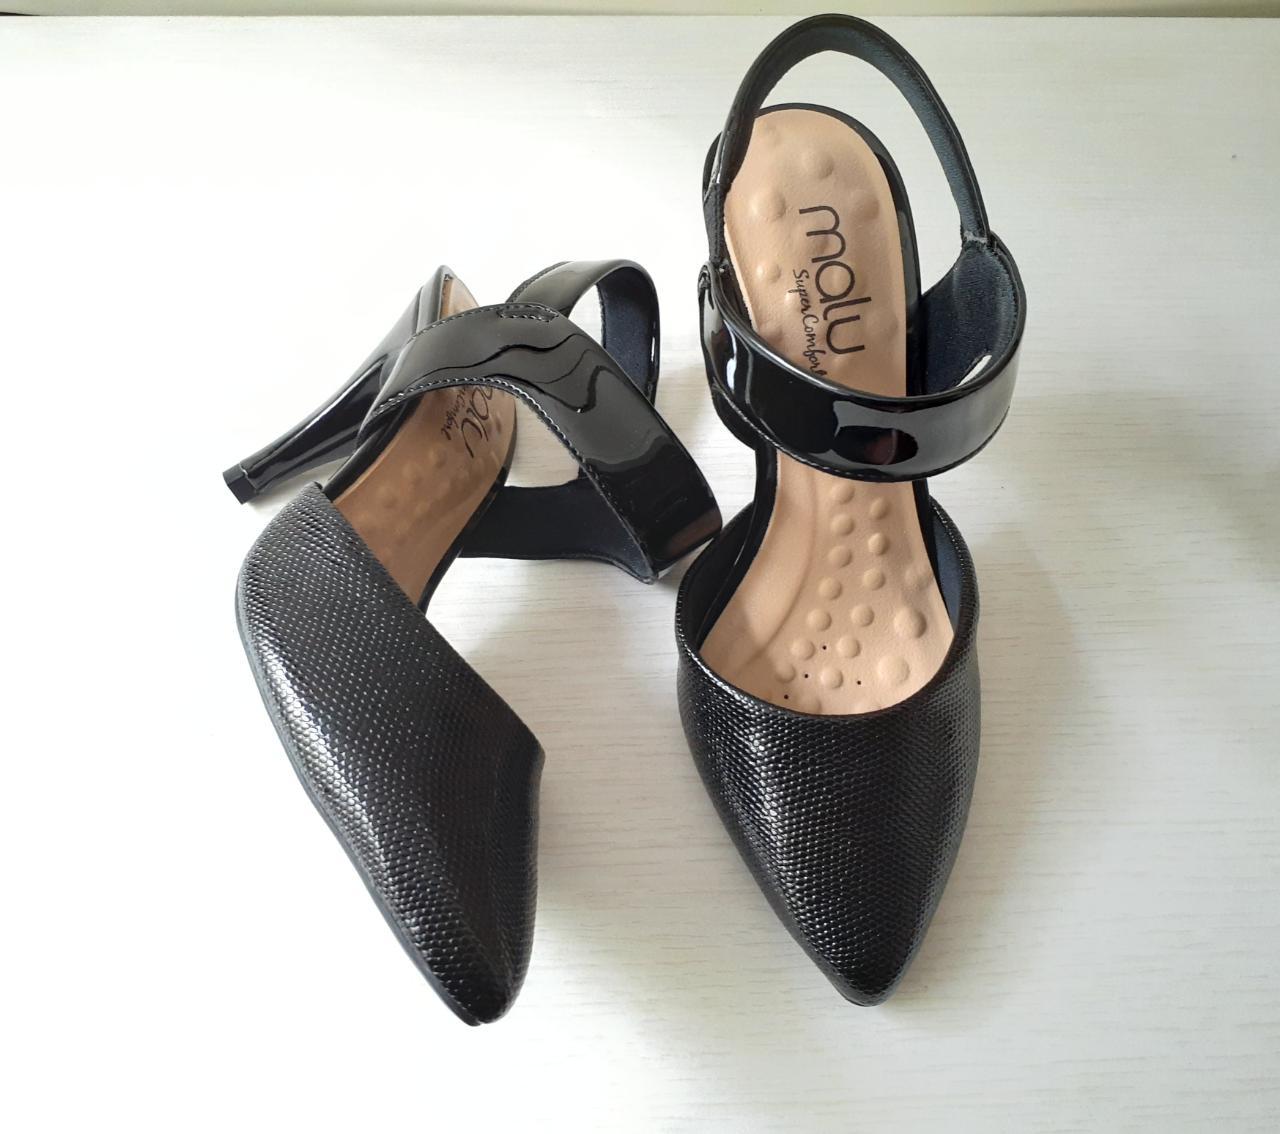 Chanel Comfort Malu